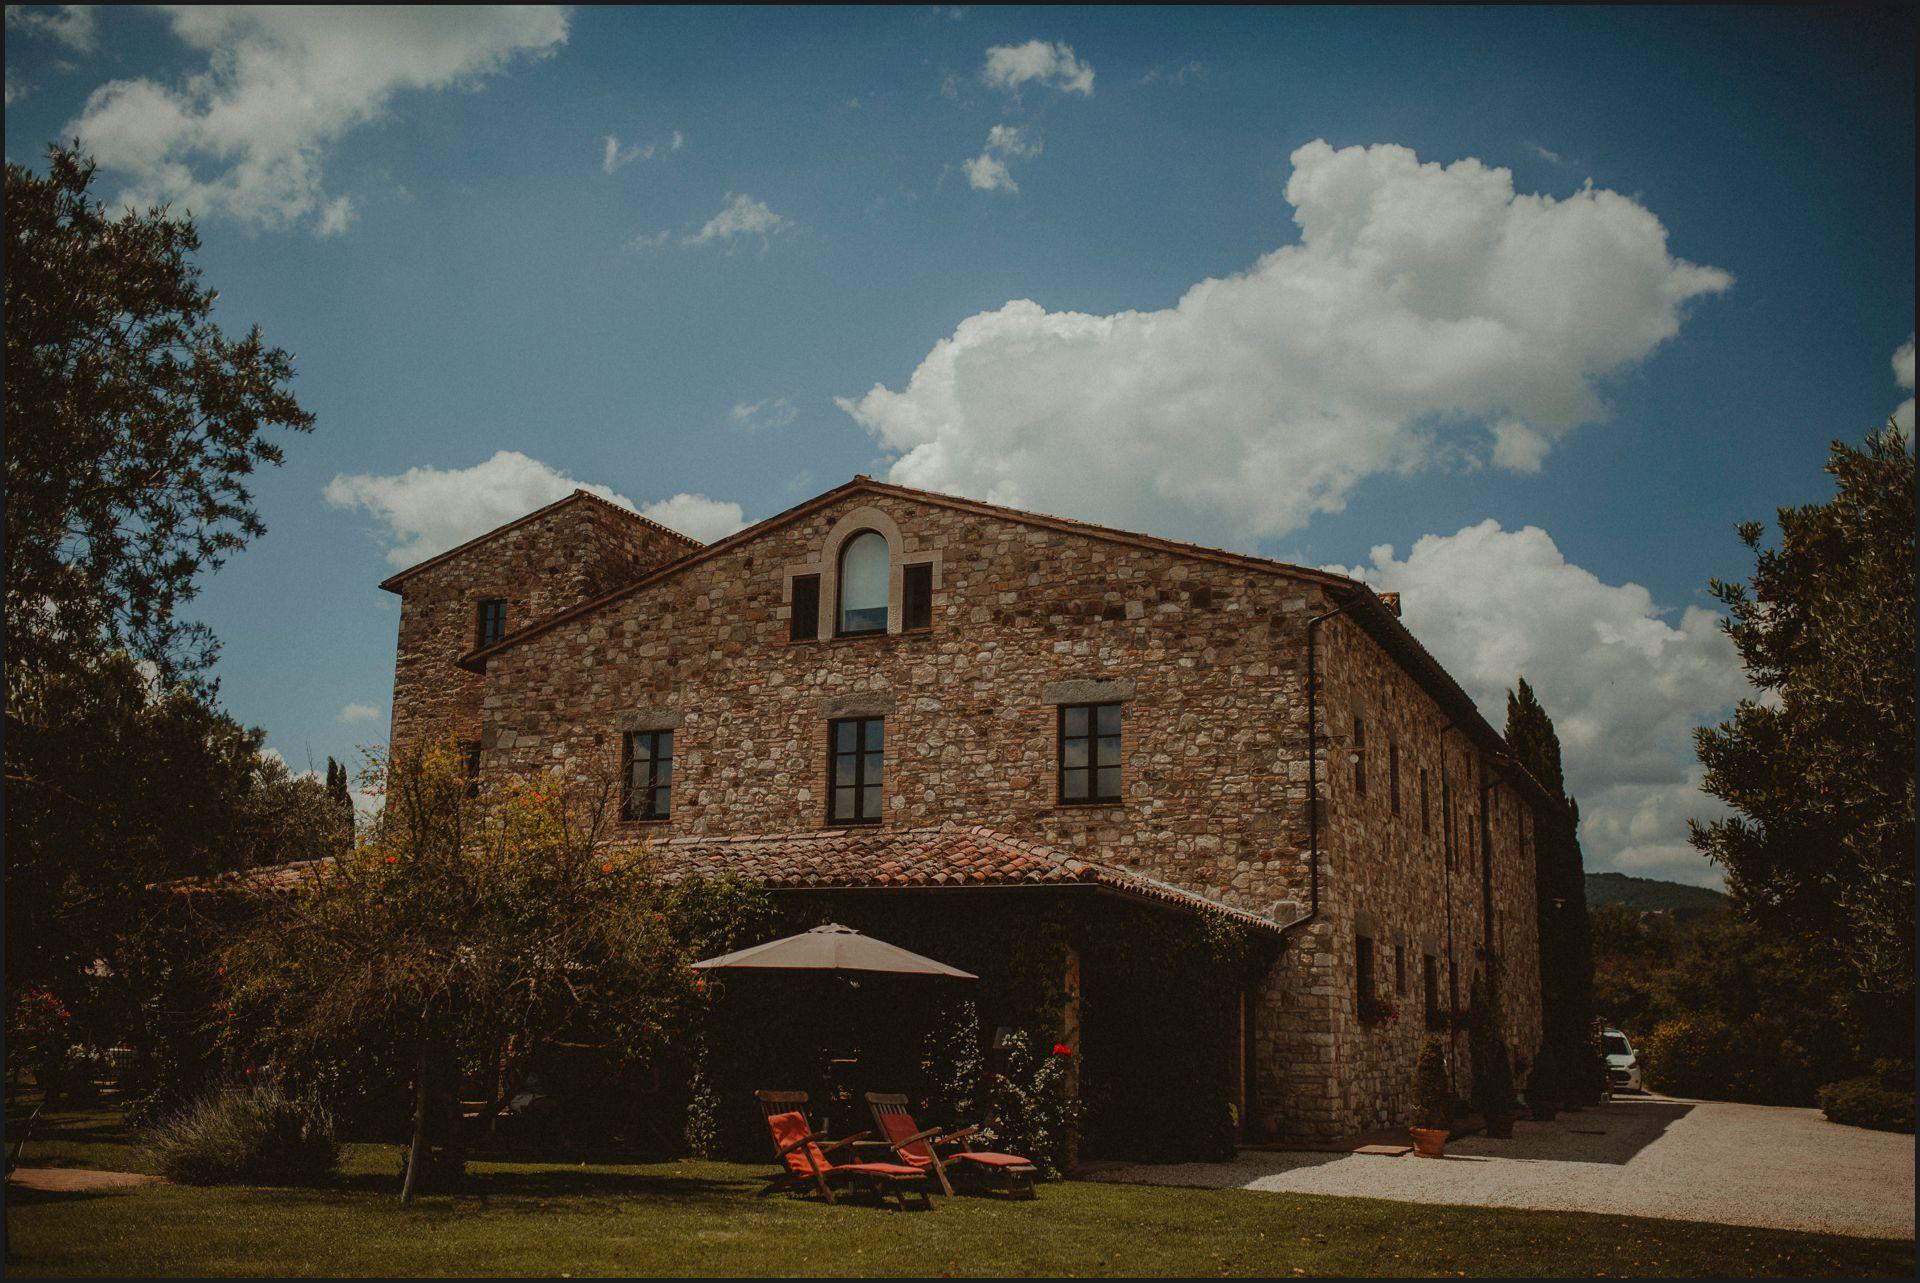 tenuta di canonica, umbria, wedding, landscape